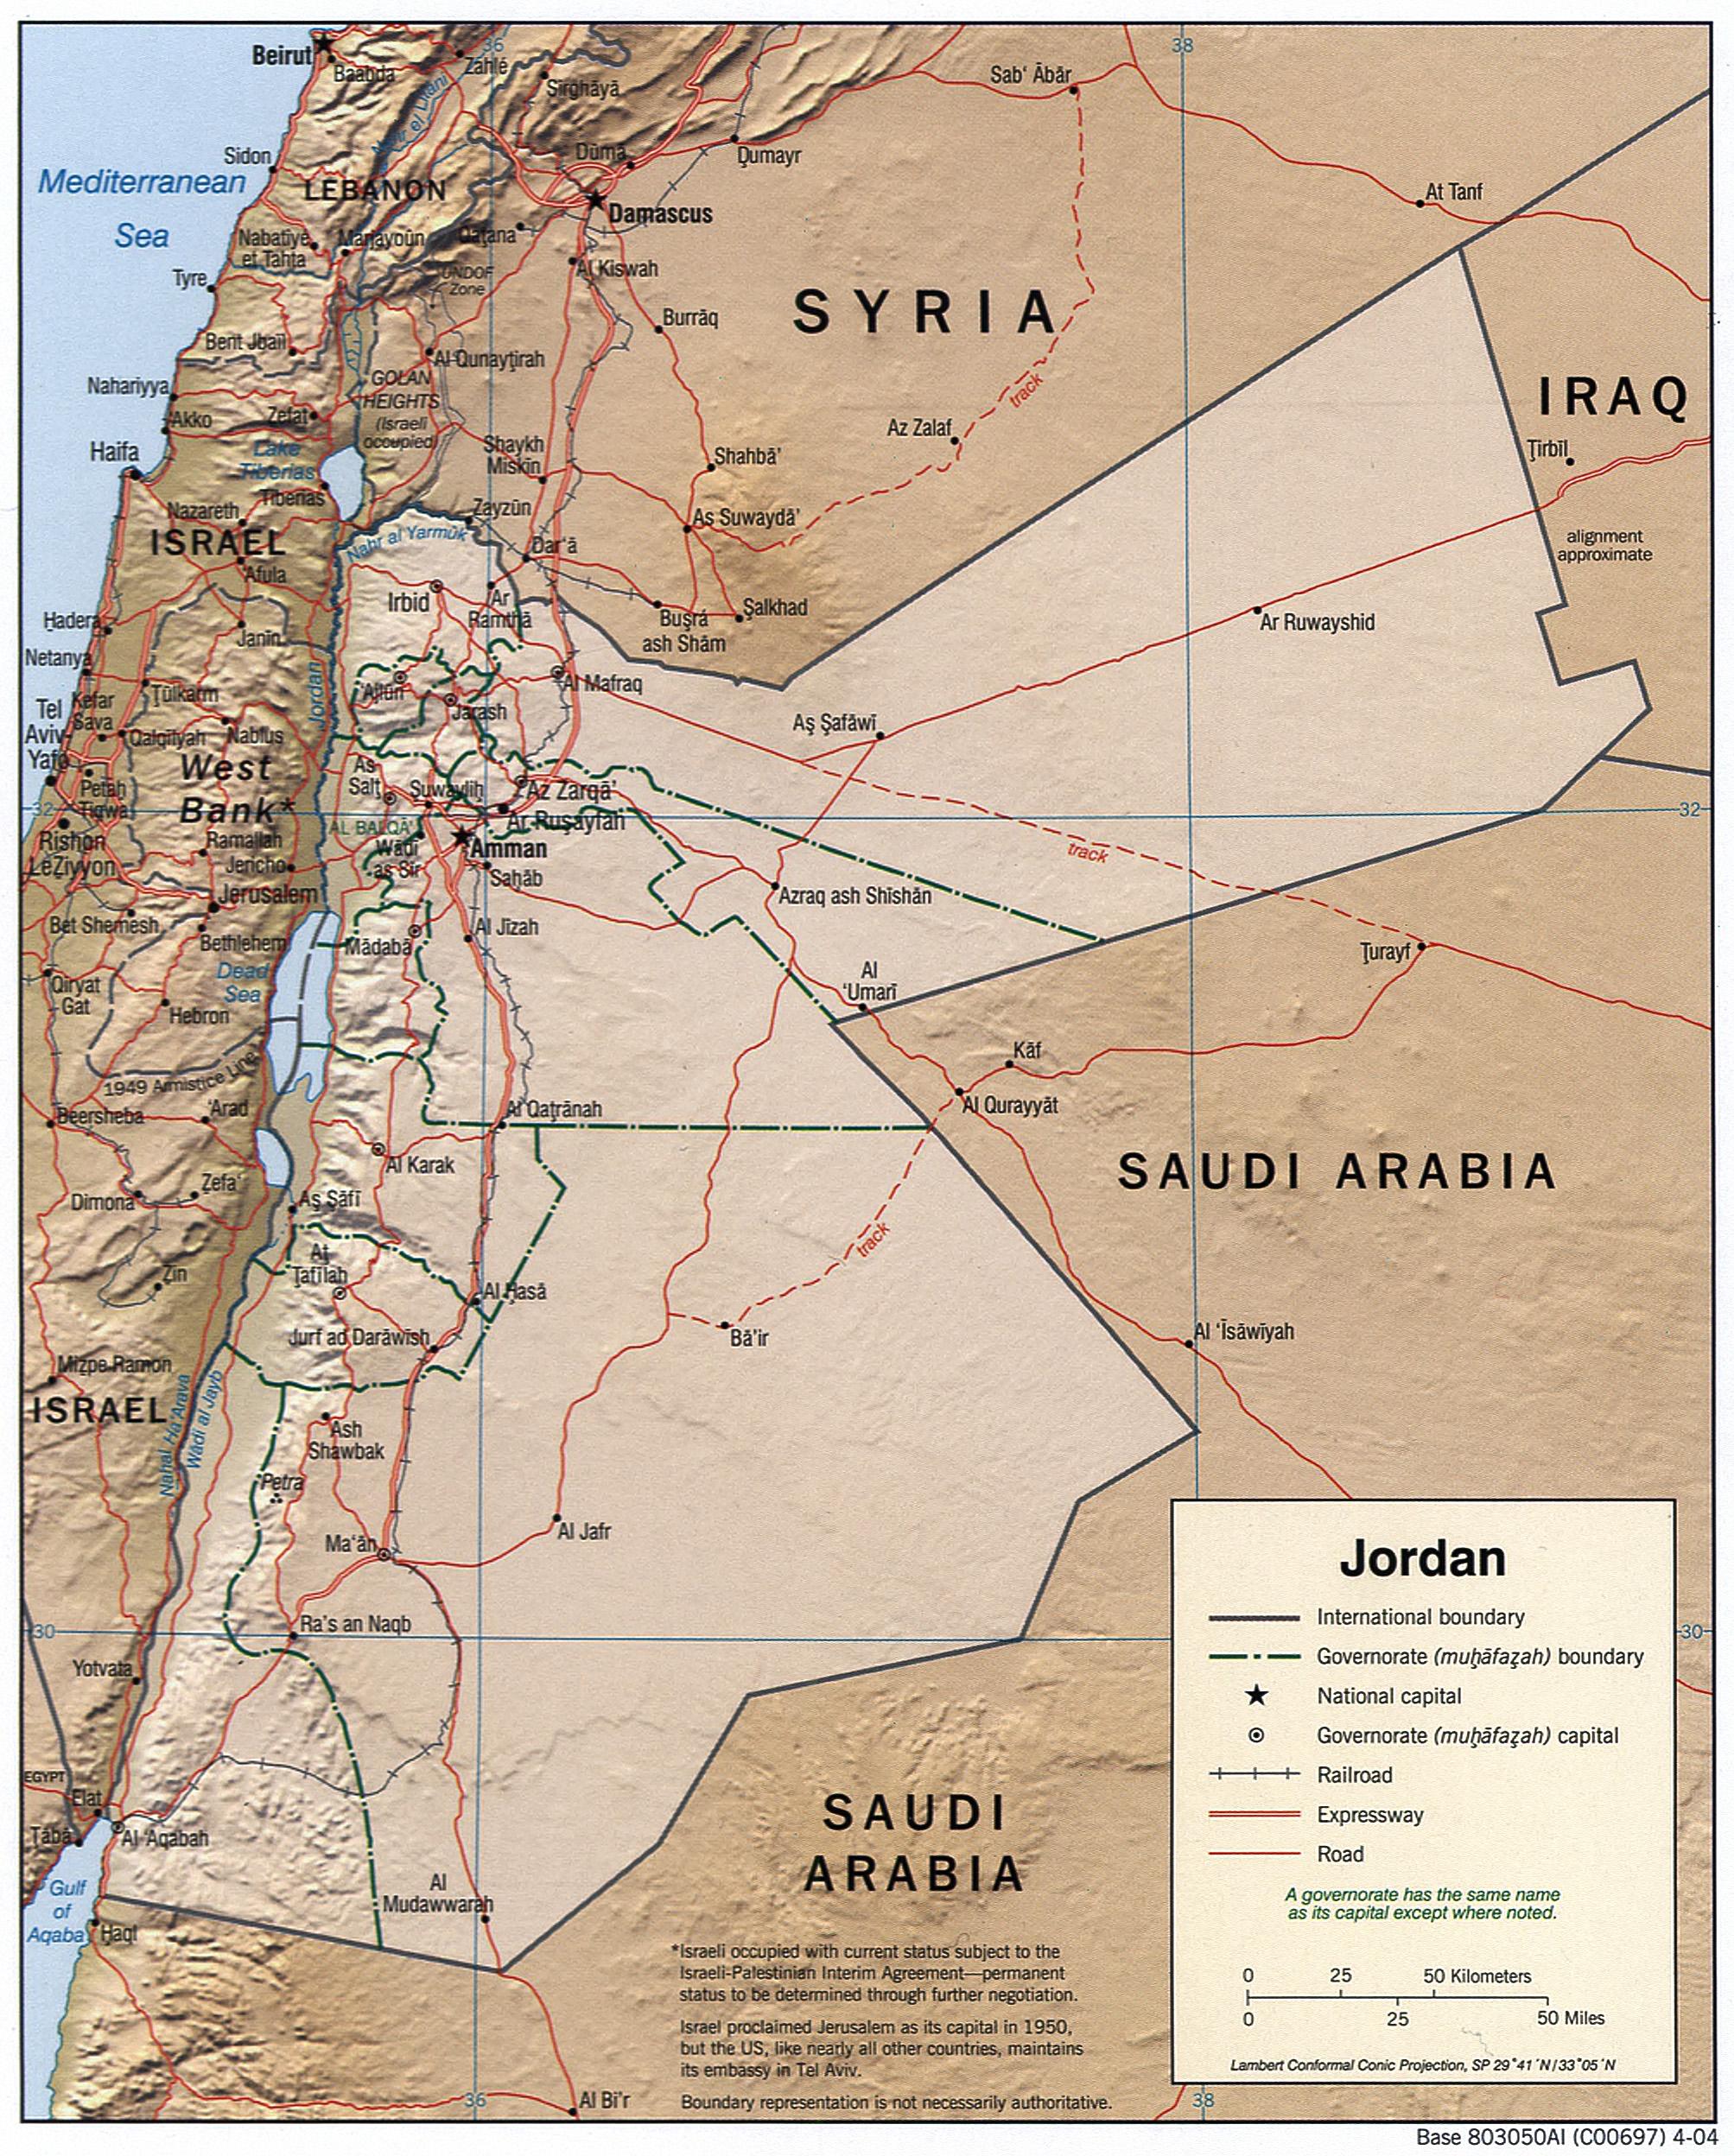 Jordania clipart jordan 3 Military report: report: Military opinion